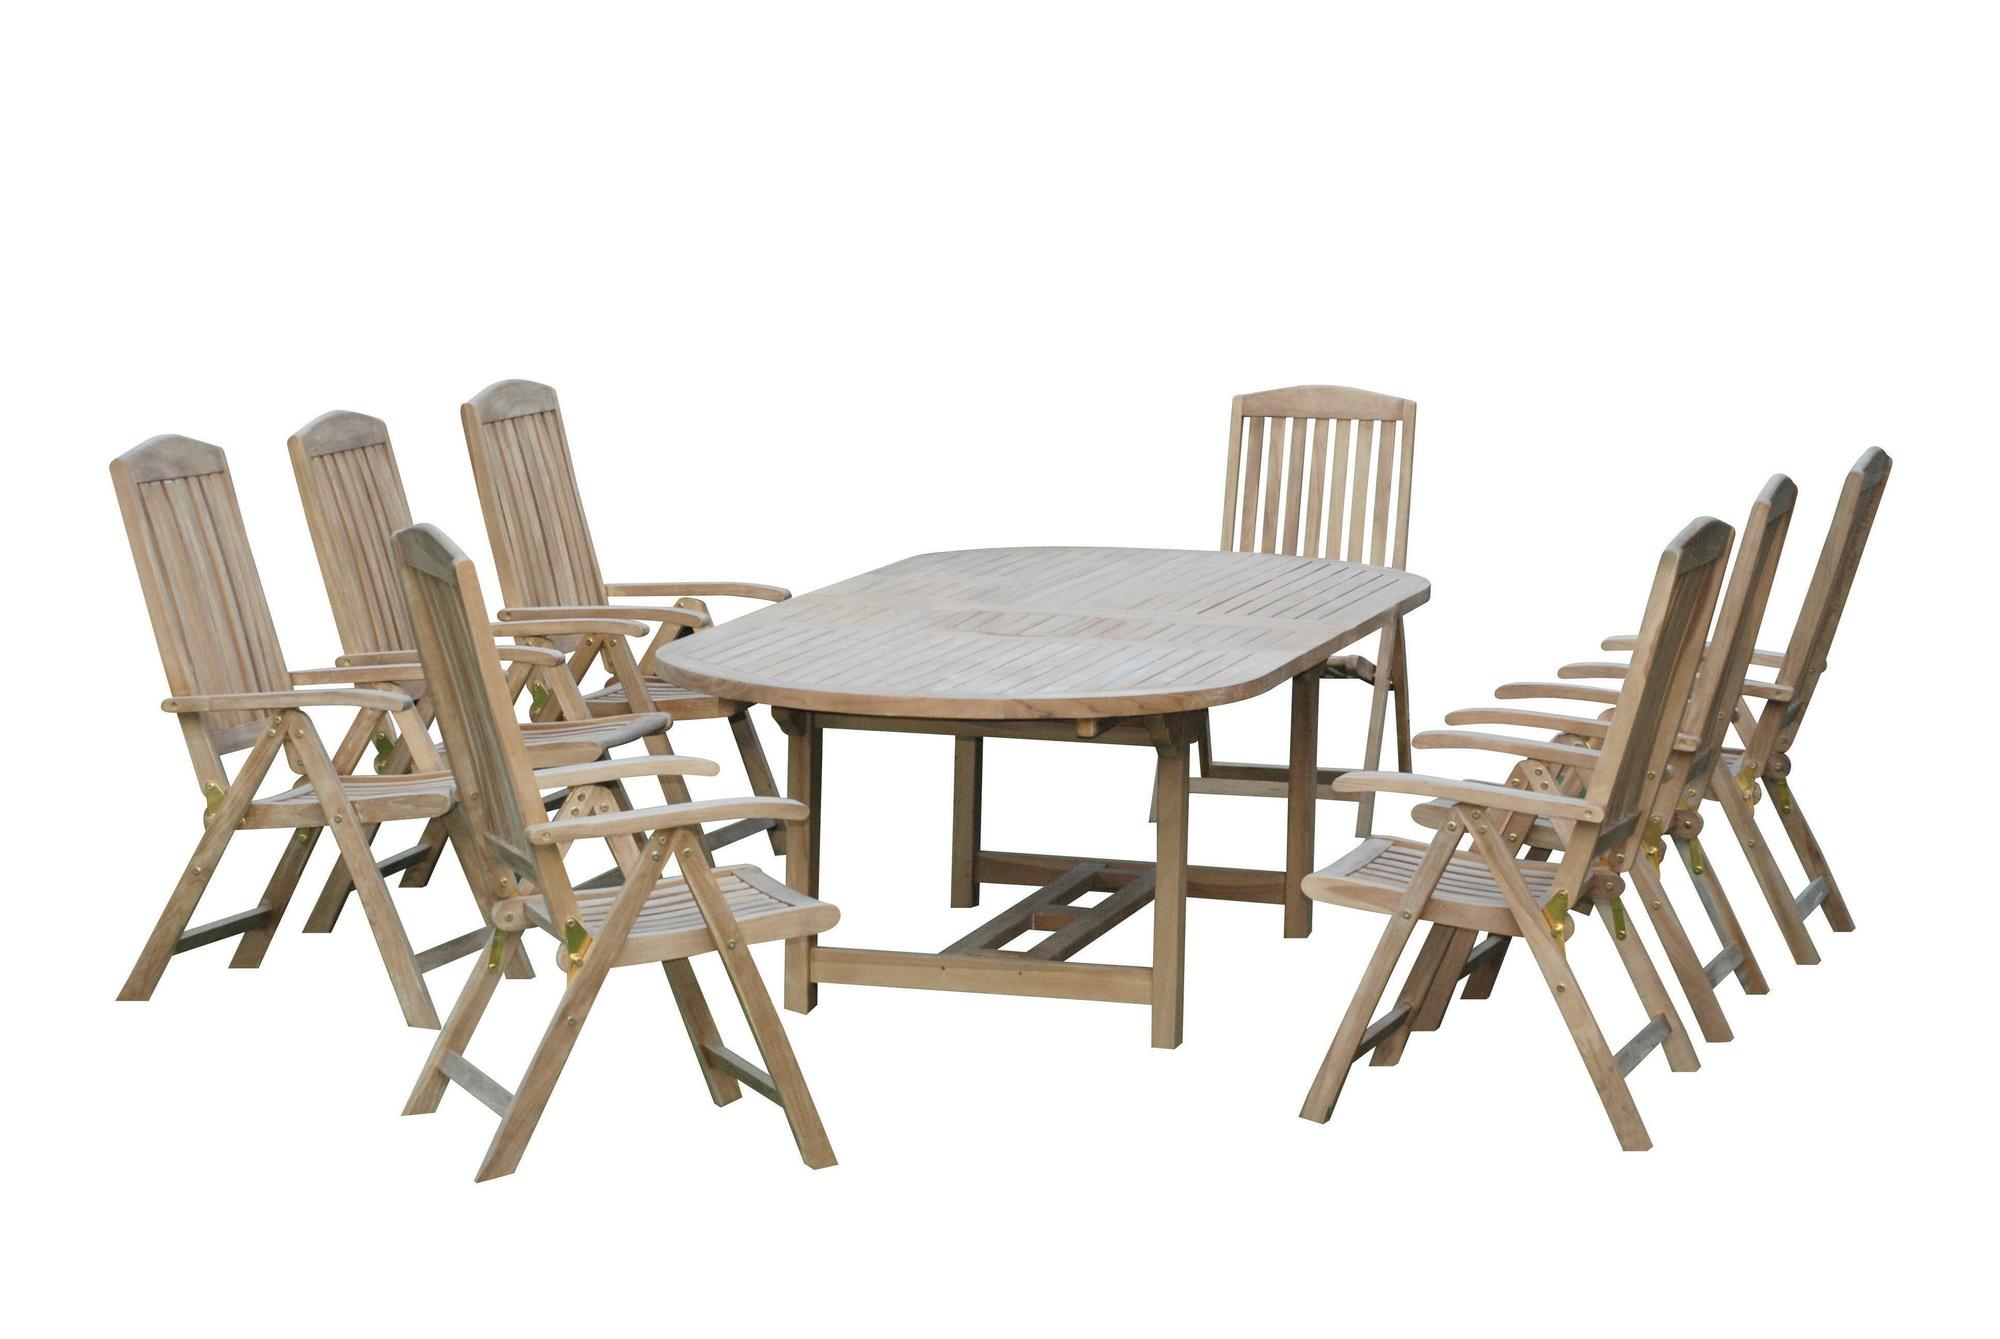 6d6921d96056 Záhradný nábytok Hecht Grandeur set 1+8 (teak)